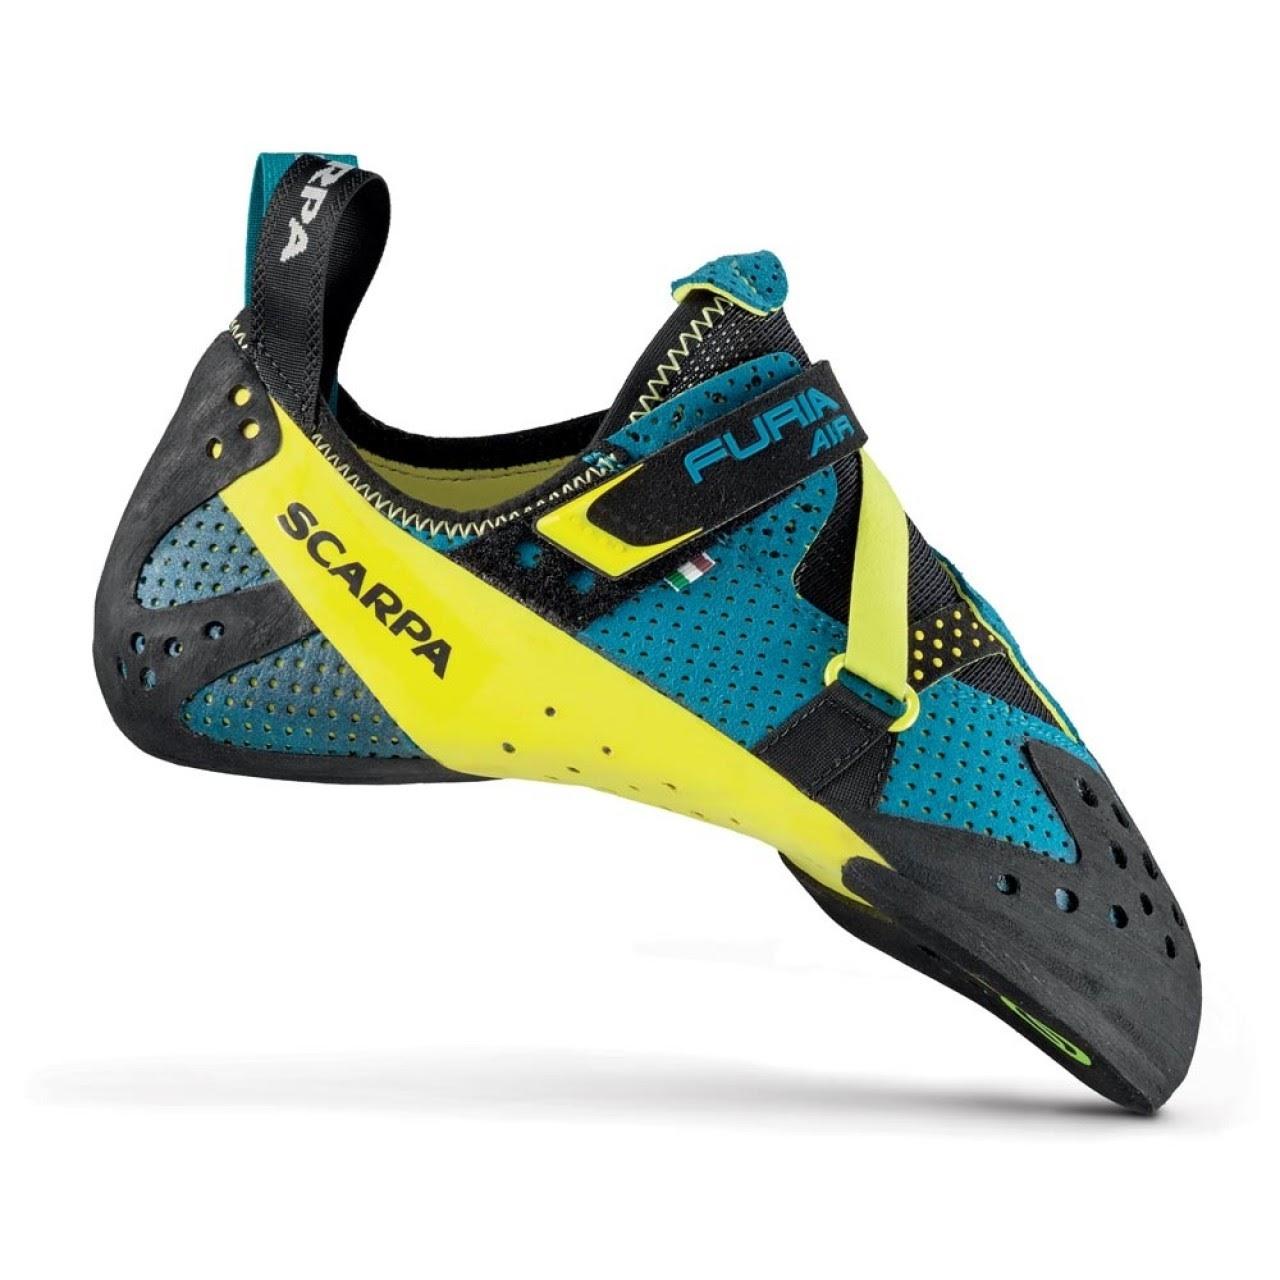 Scarpa agresif tırmanıış ayakkabısı